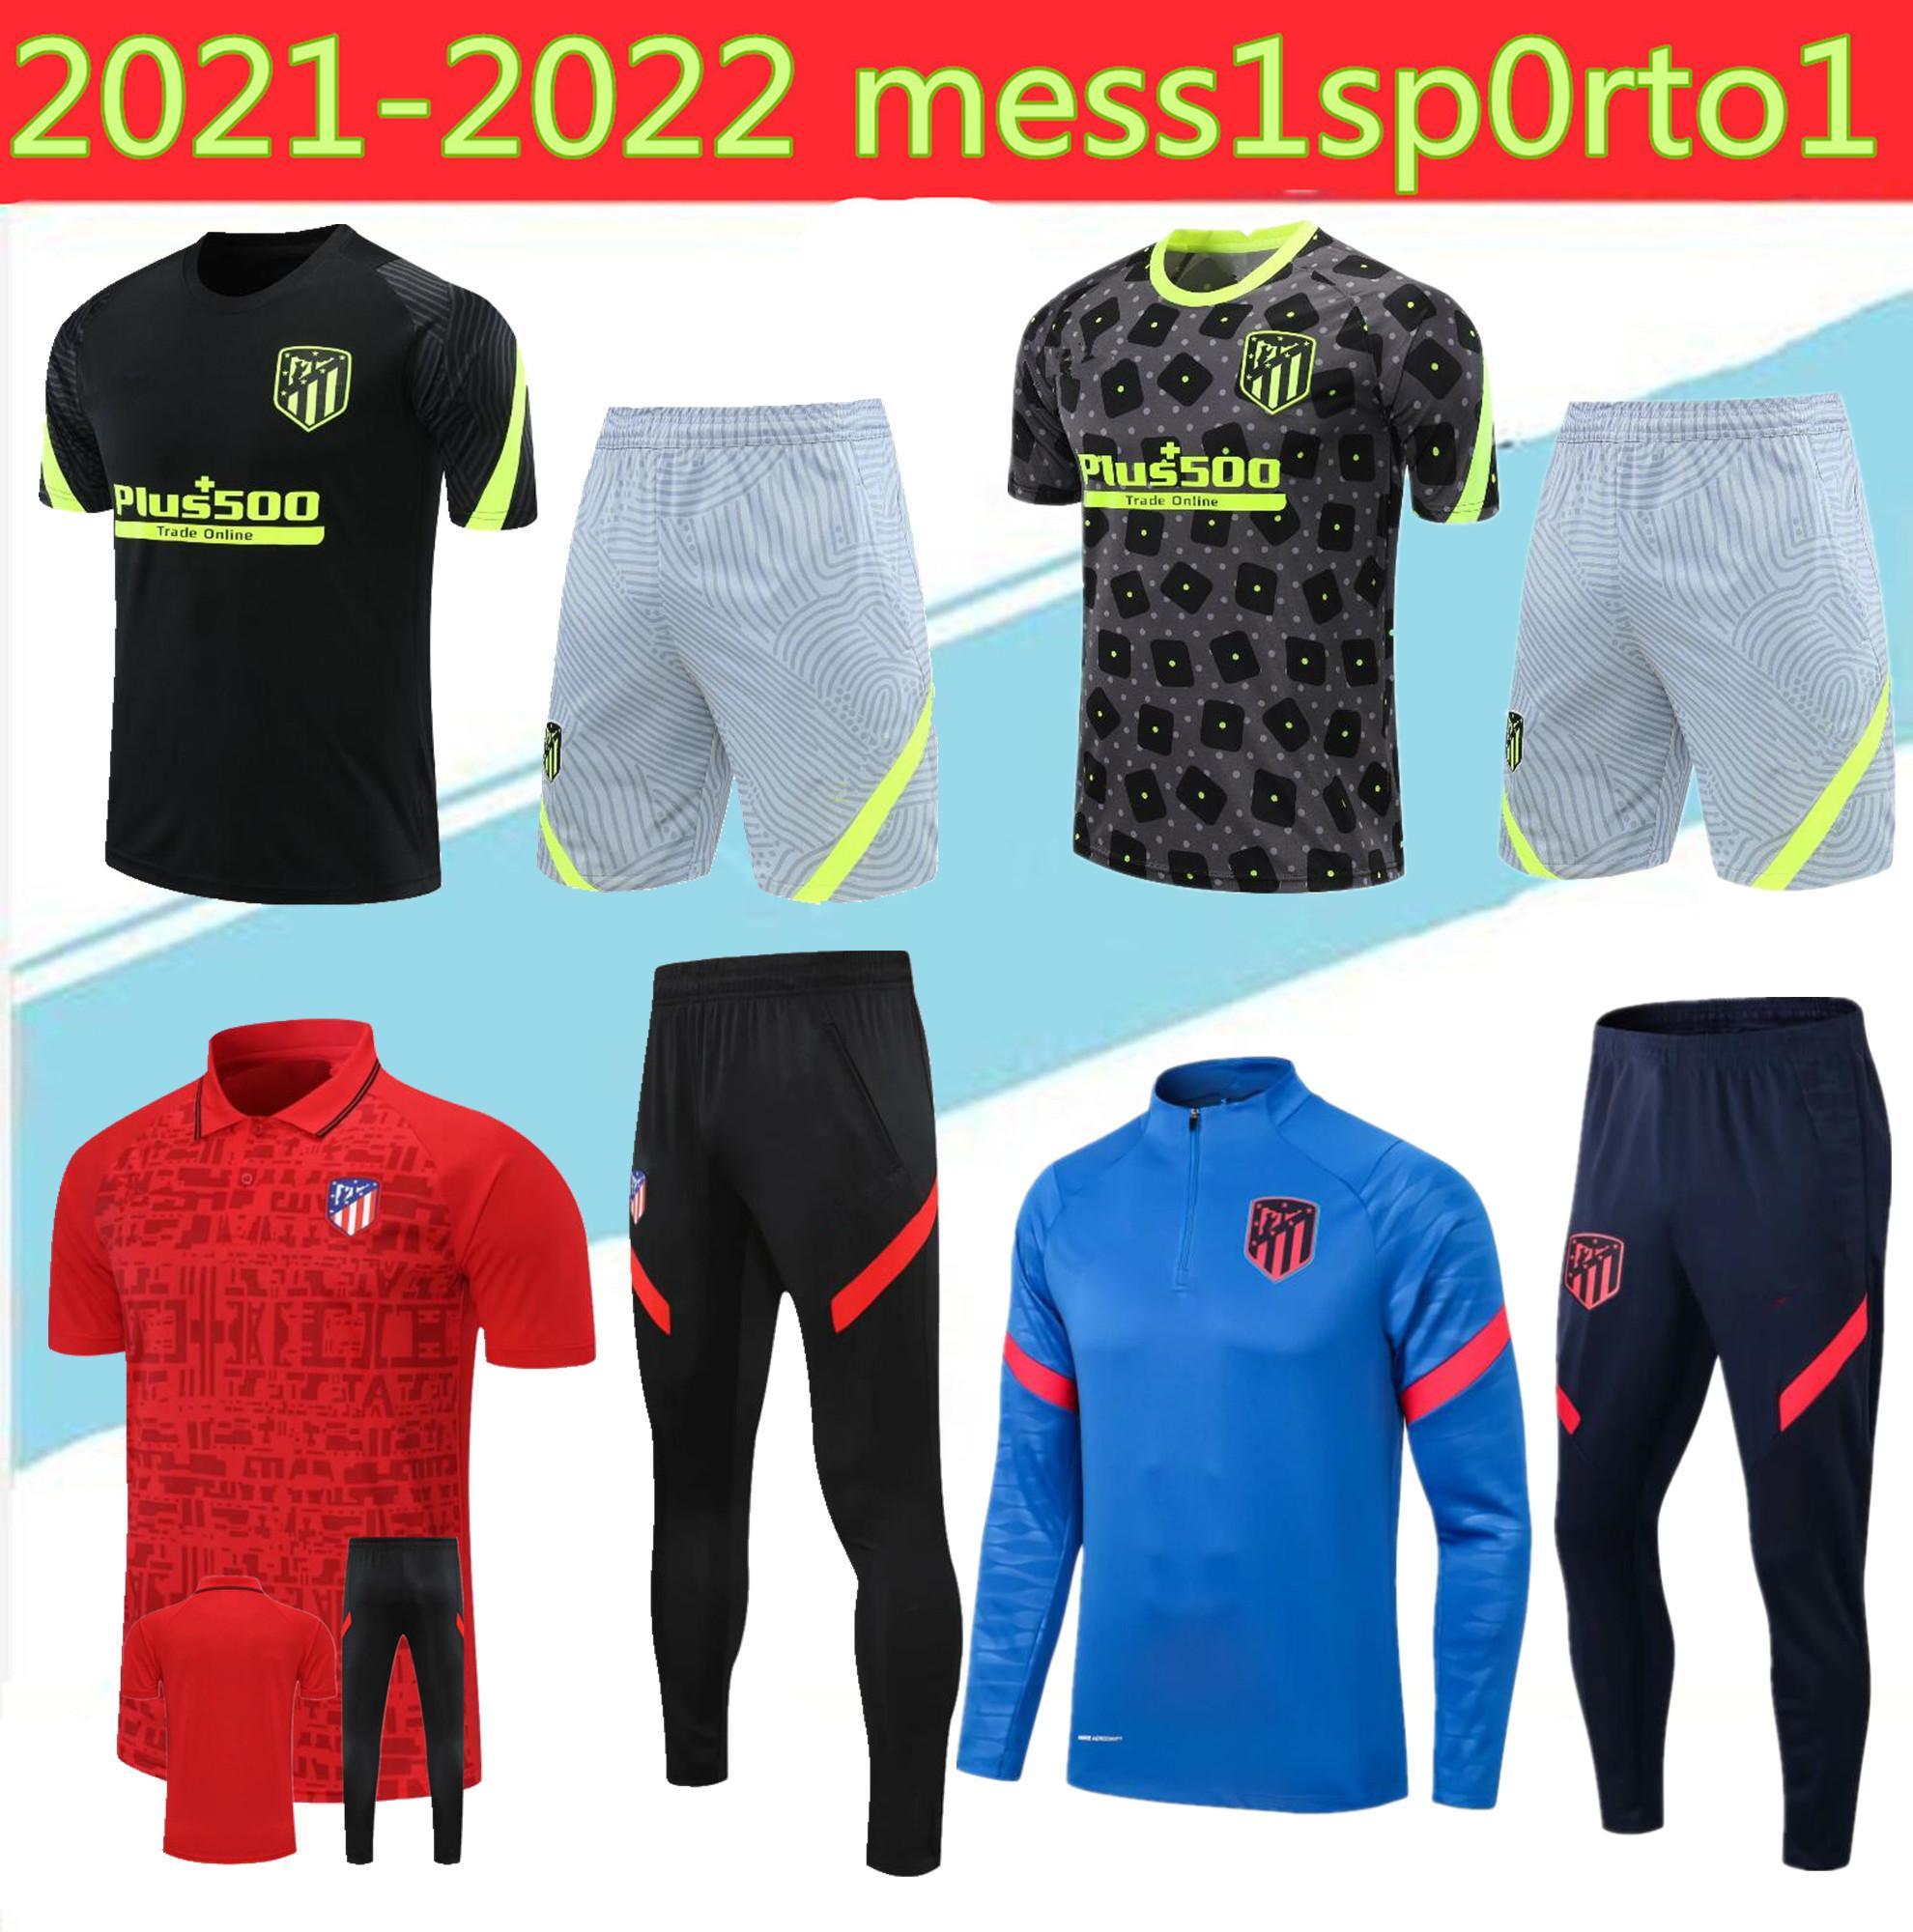 2021 남자 + 키즈 훈련 정장 축구 자켓 훈련 정장 Camiseta Fútbol Llorente 20/21 축구 재킷 지퍼 트랙